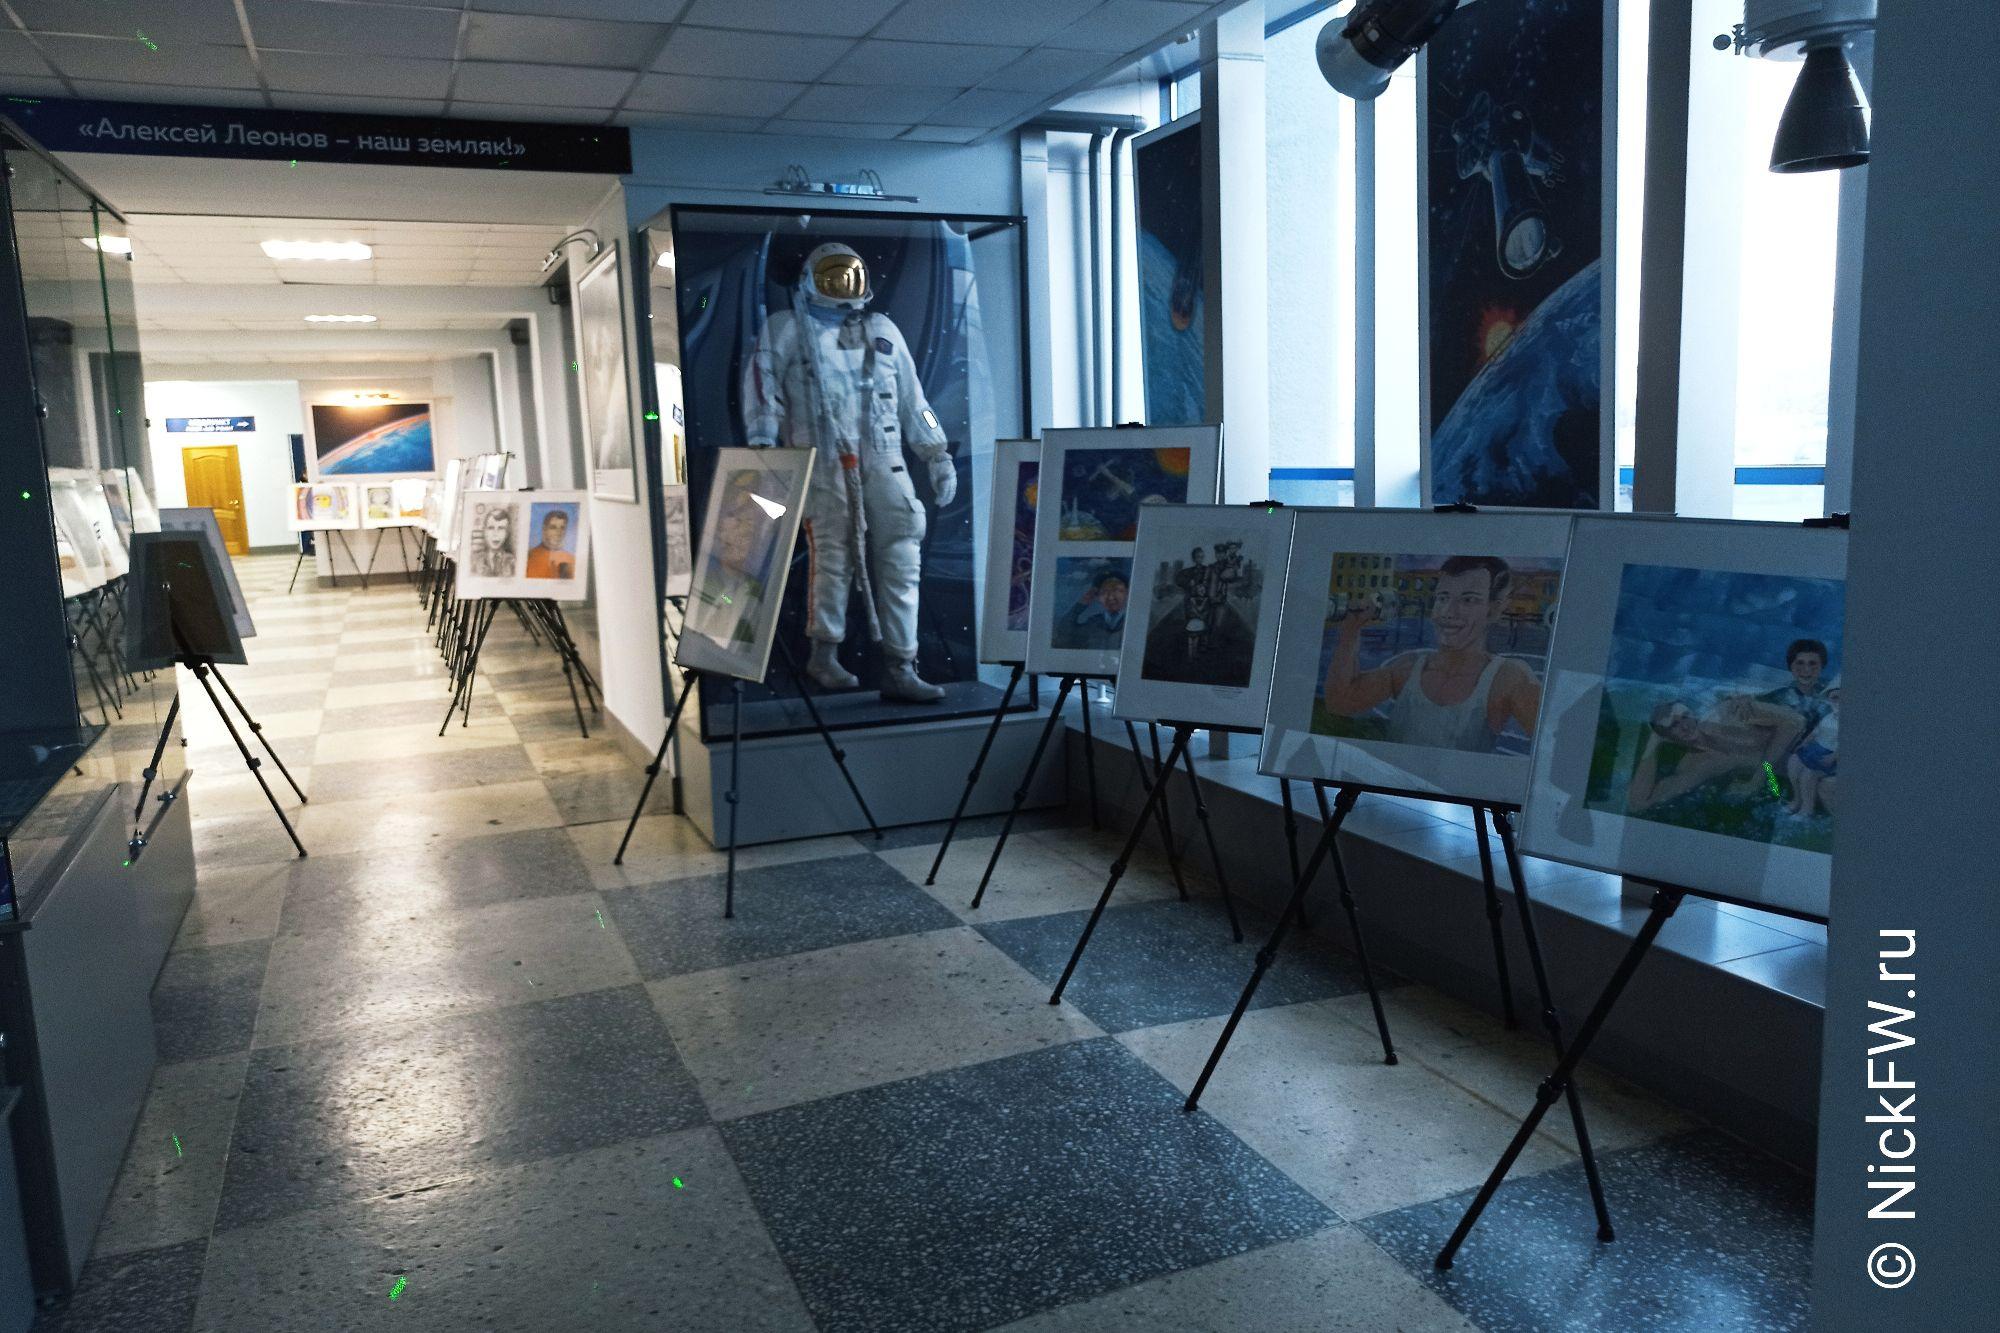 5. Выставка картин в Кемеровском аэропорту © NickFW.ru - 12.04.2021г.